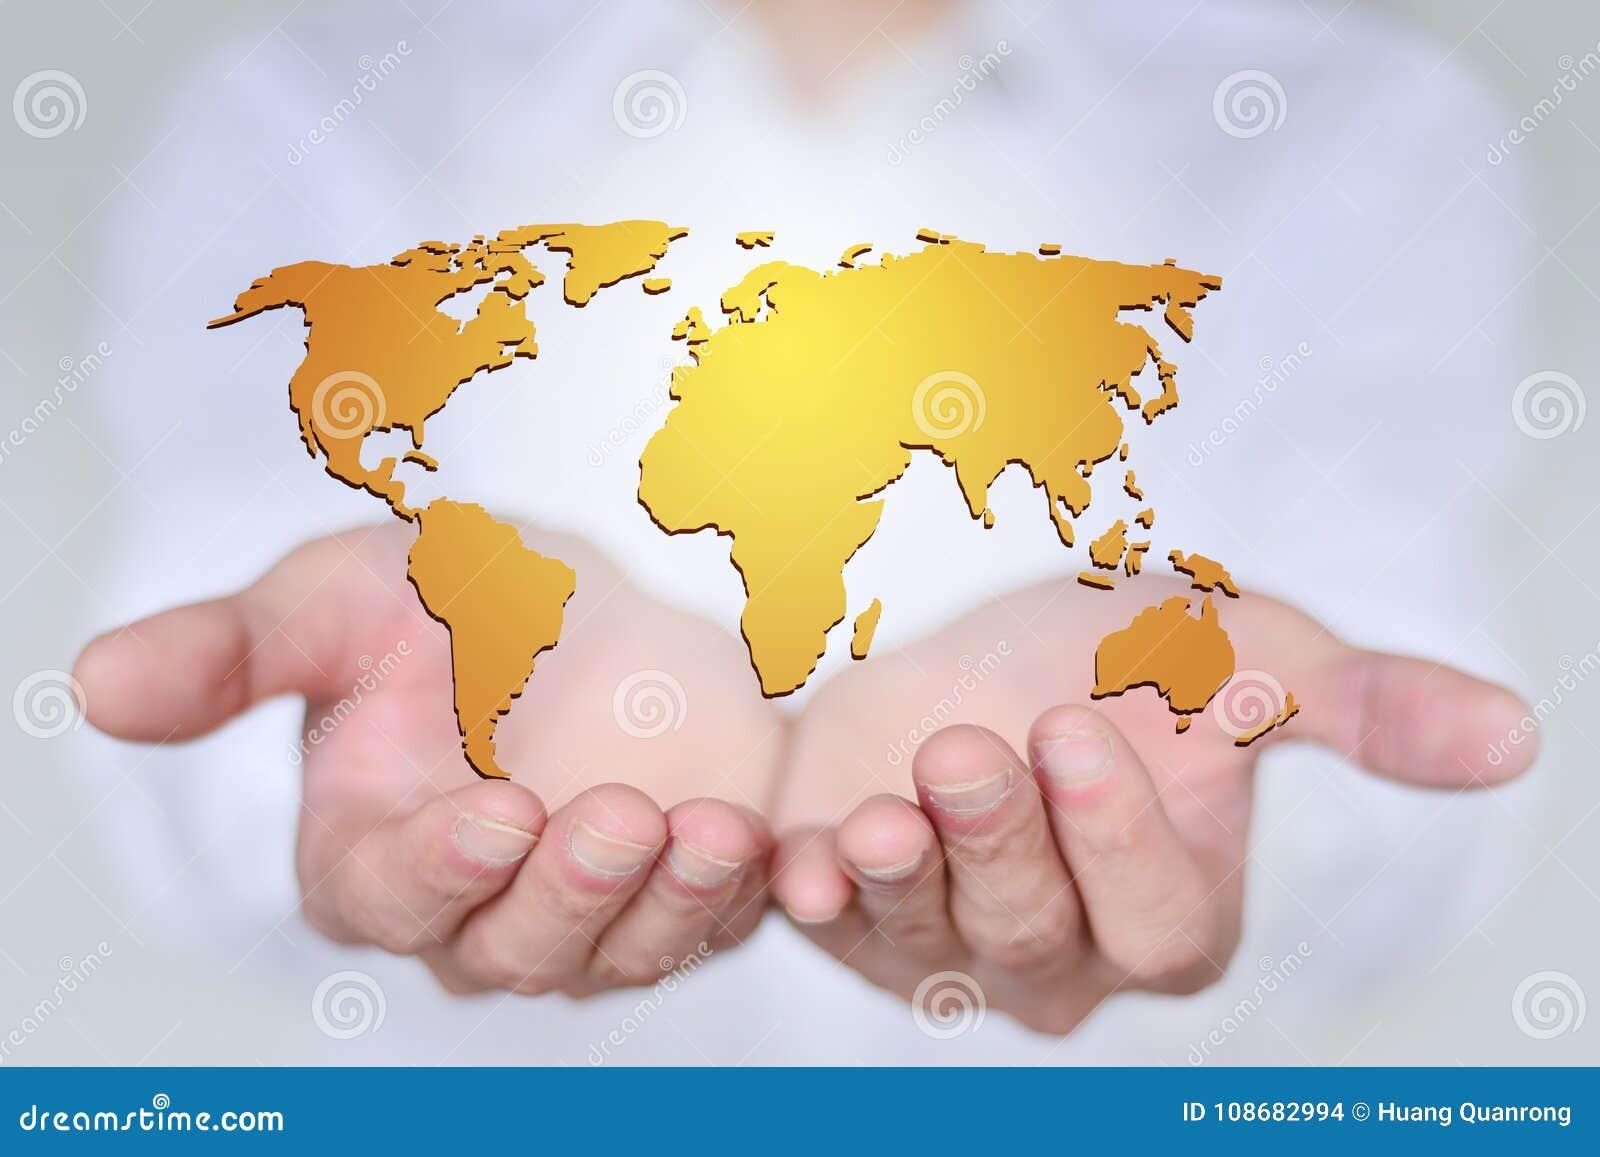 Le monde est dans des vos mains, le concept de la carte créative